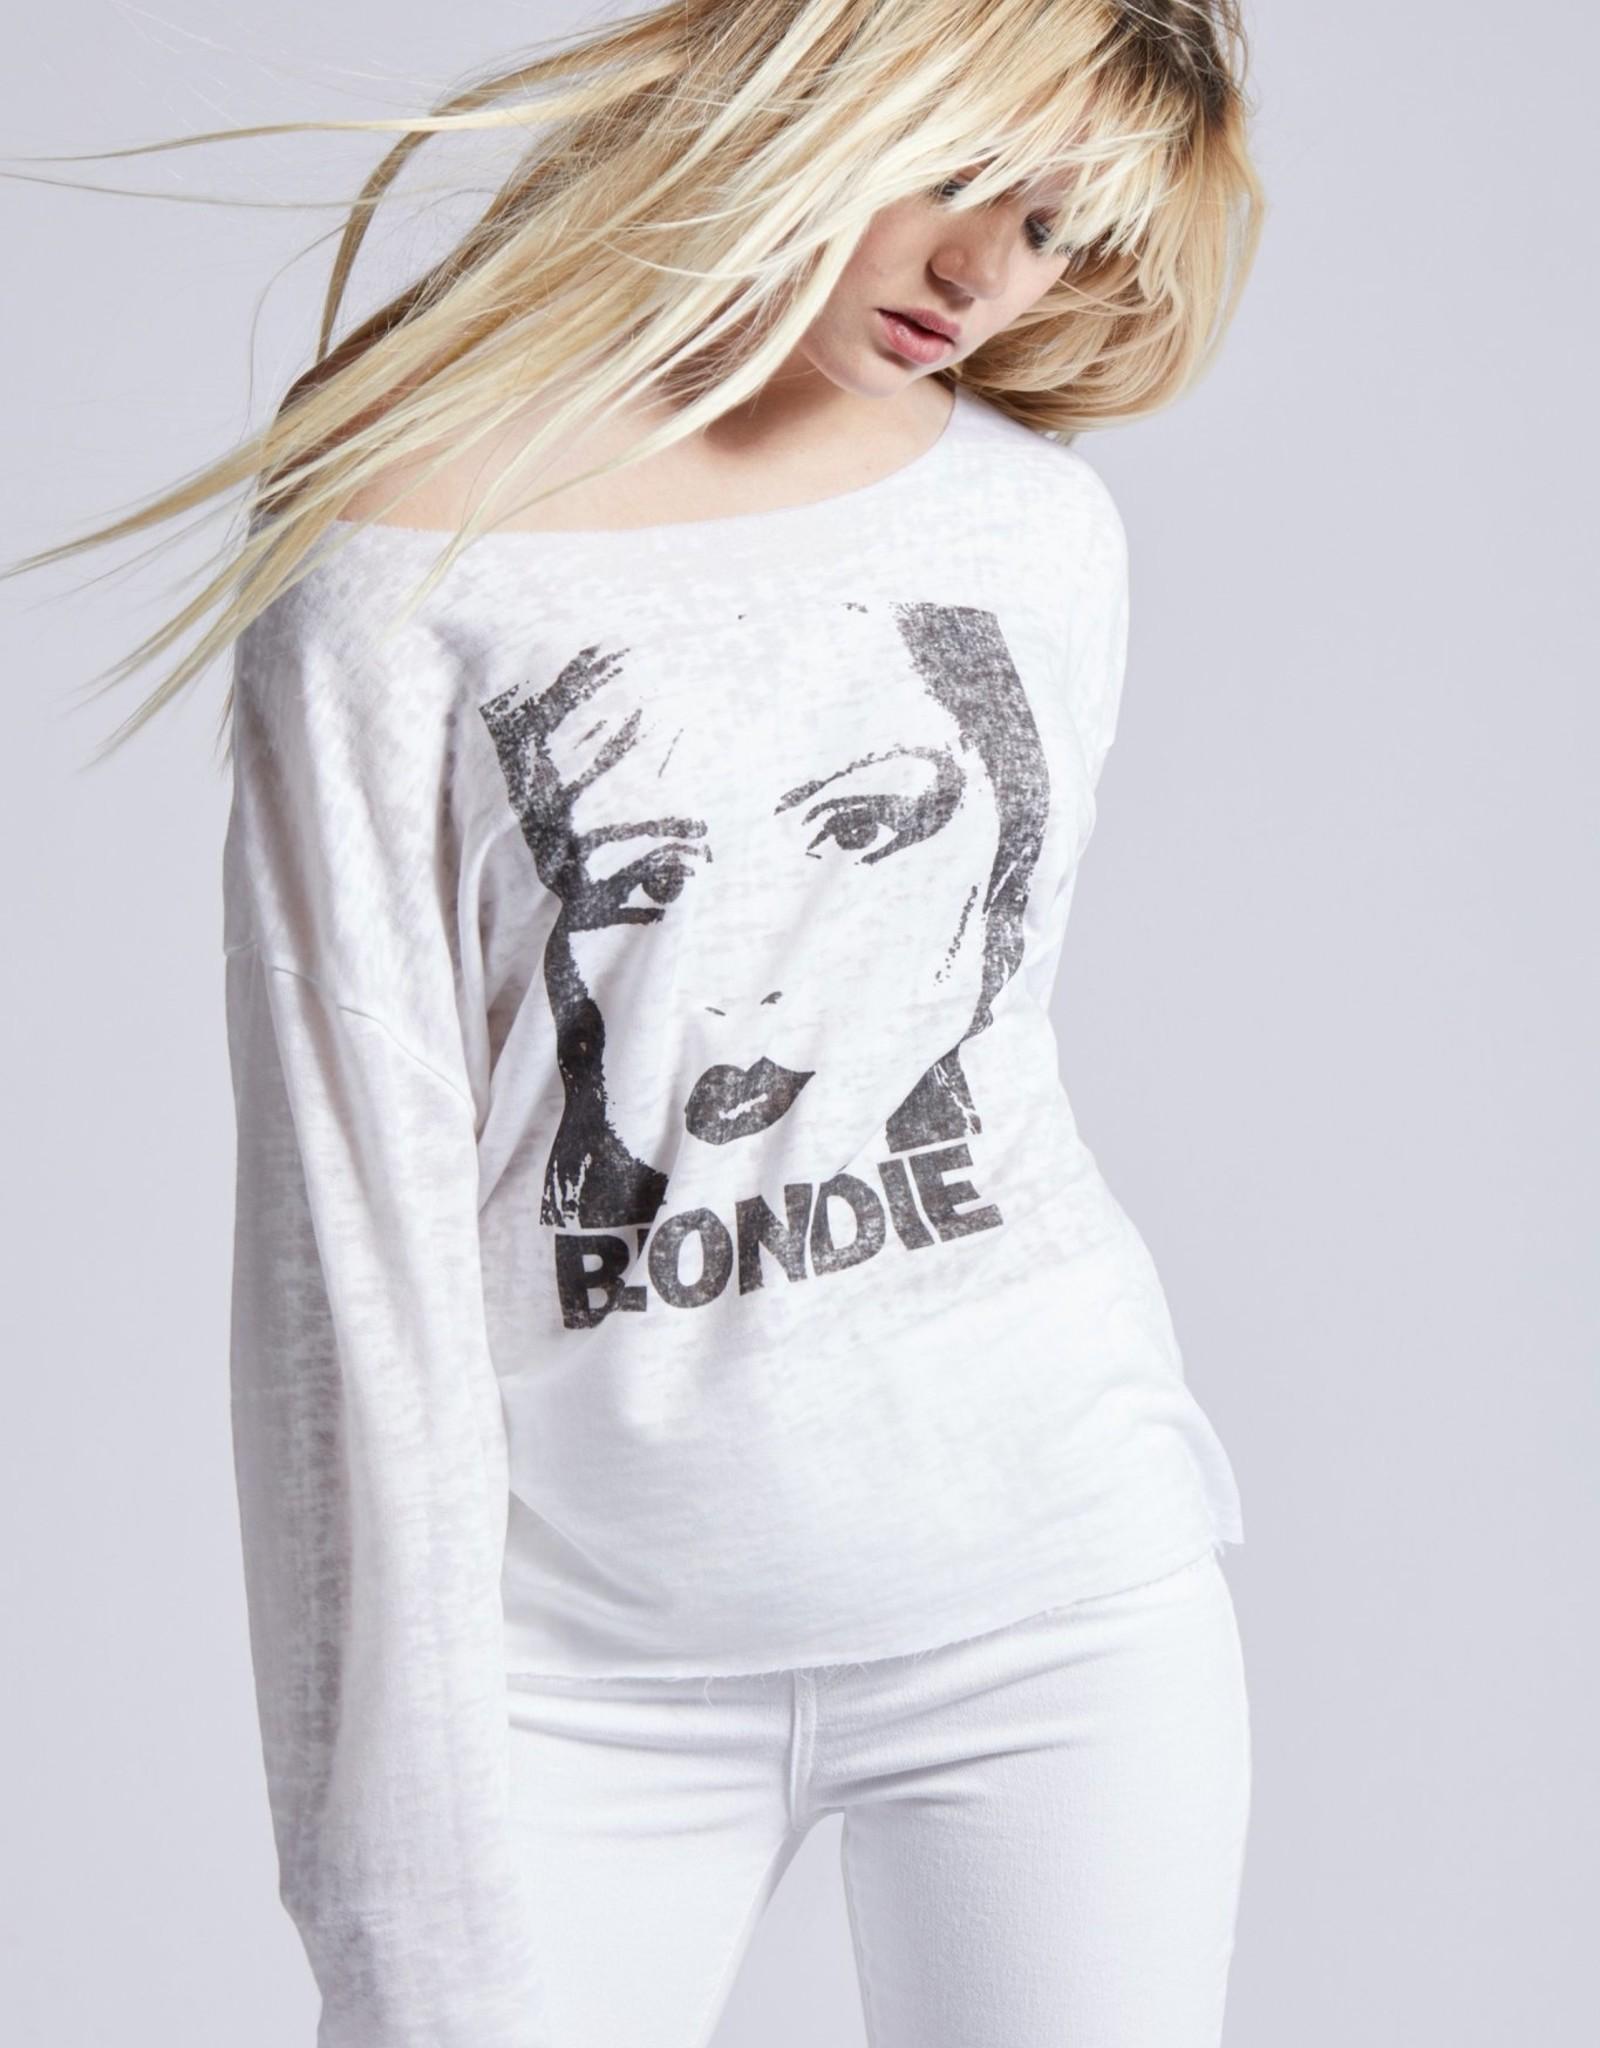 Blondie Vintage Sweatshirt